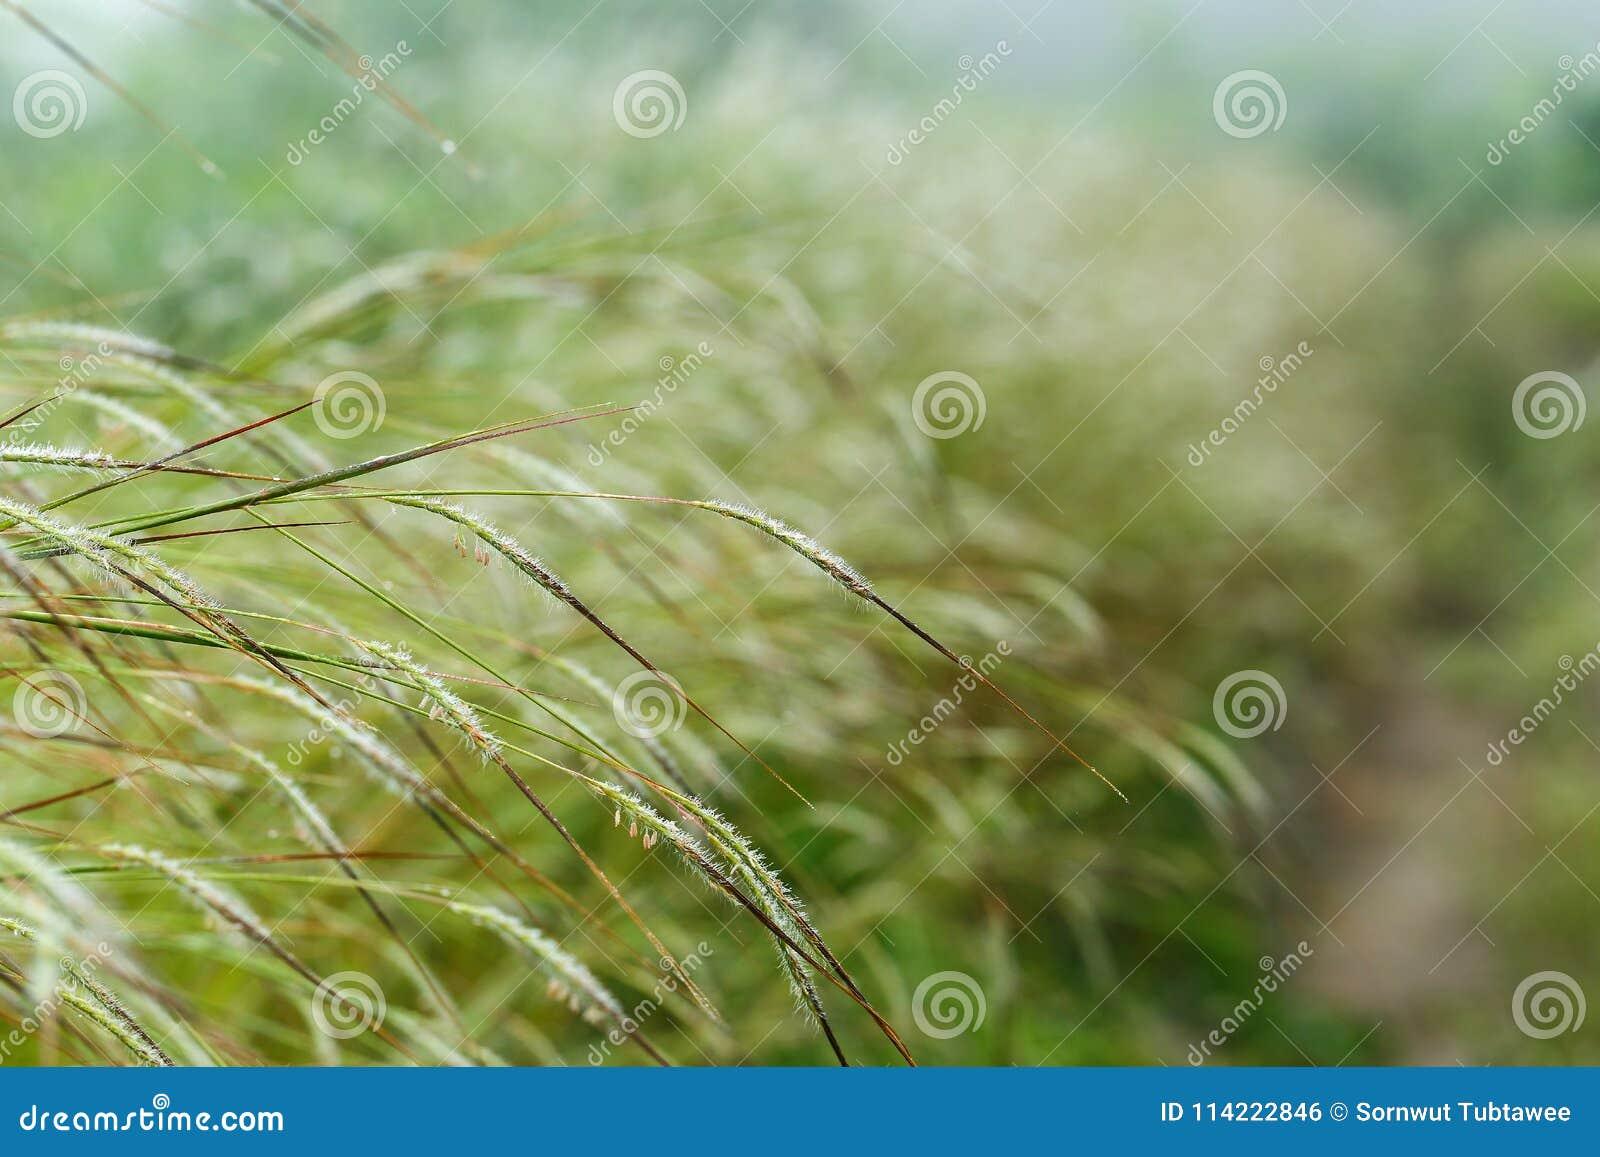 Grass flower with sun light.